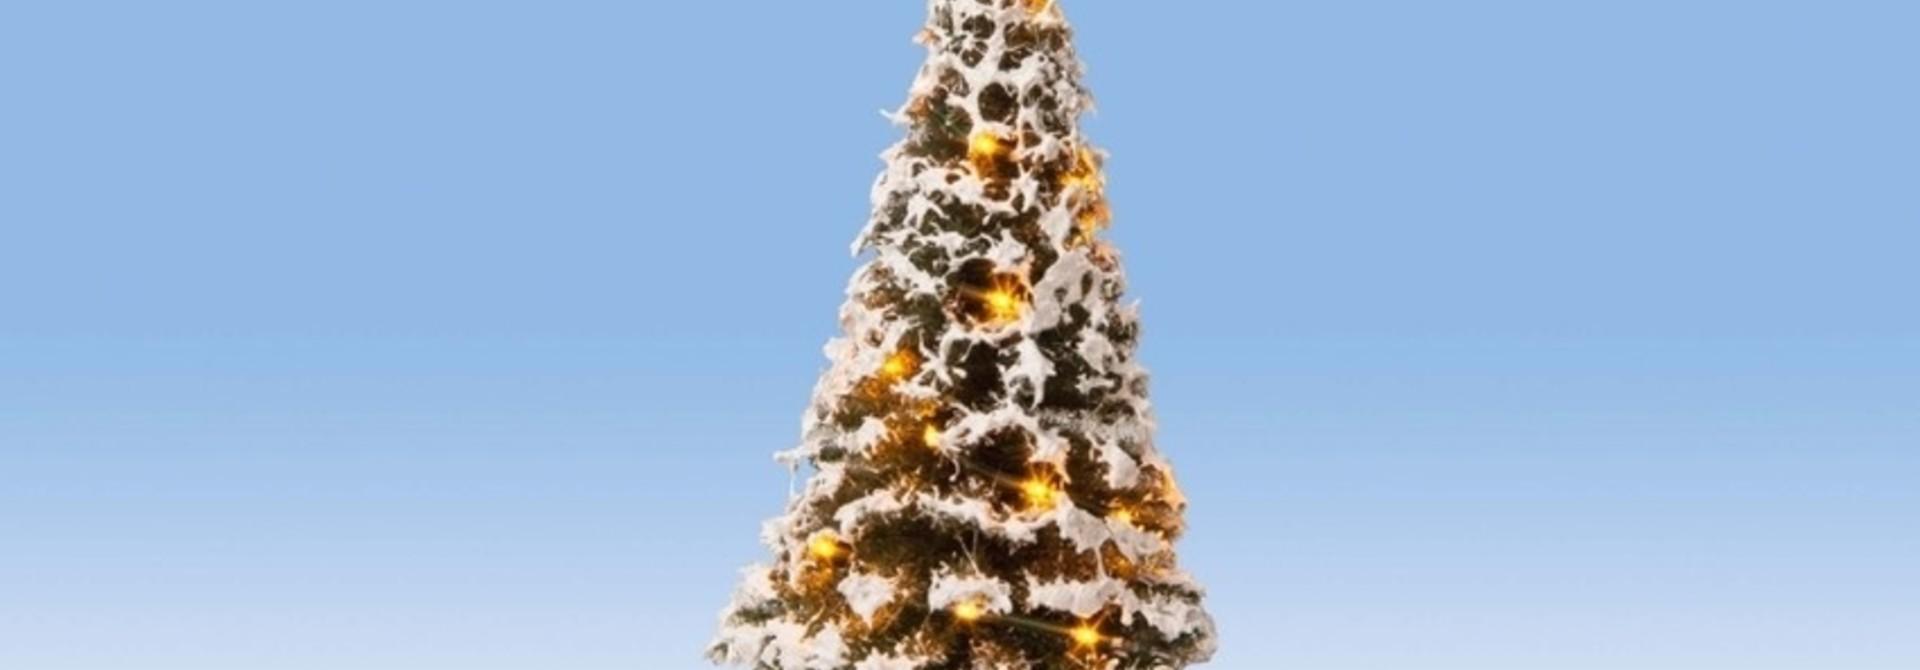 22120 Beleuchteter Weihnachtsbaum